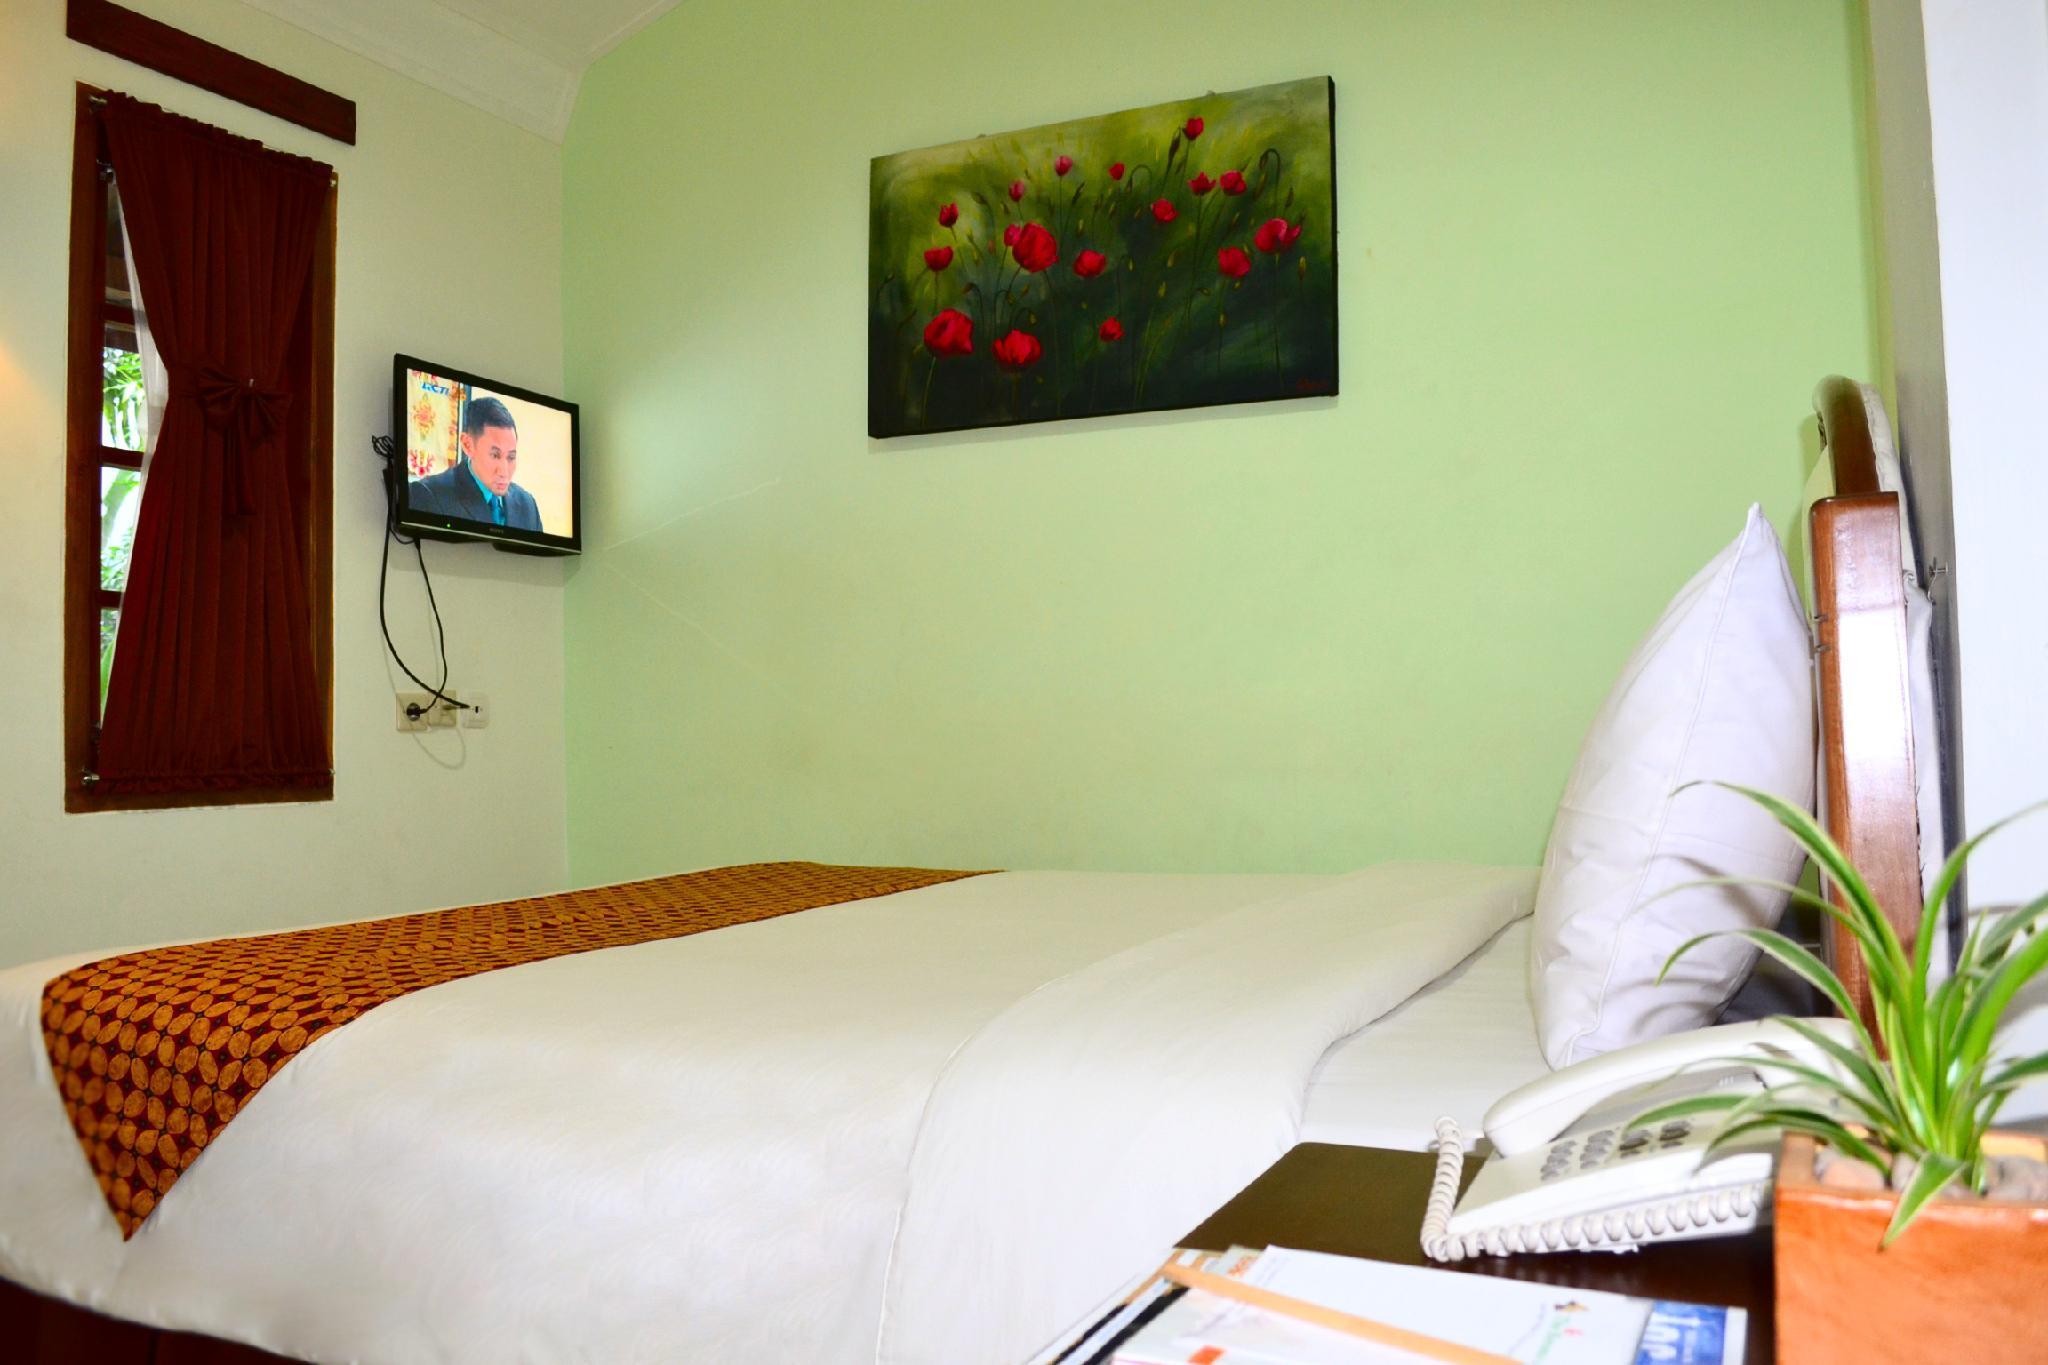 The Kresna Hotel, Yogyakarta